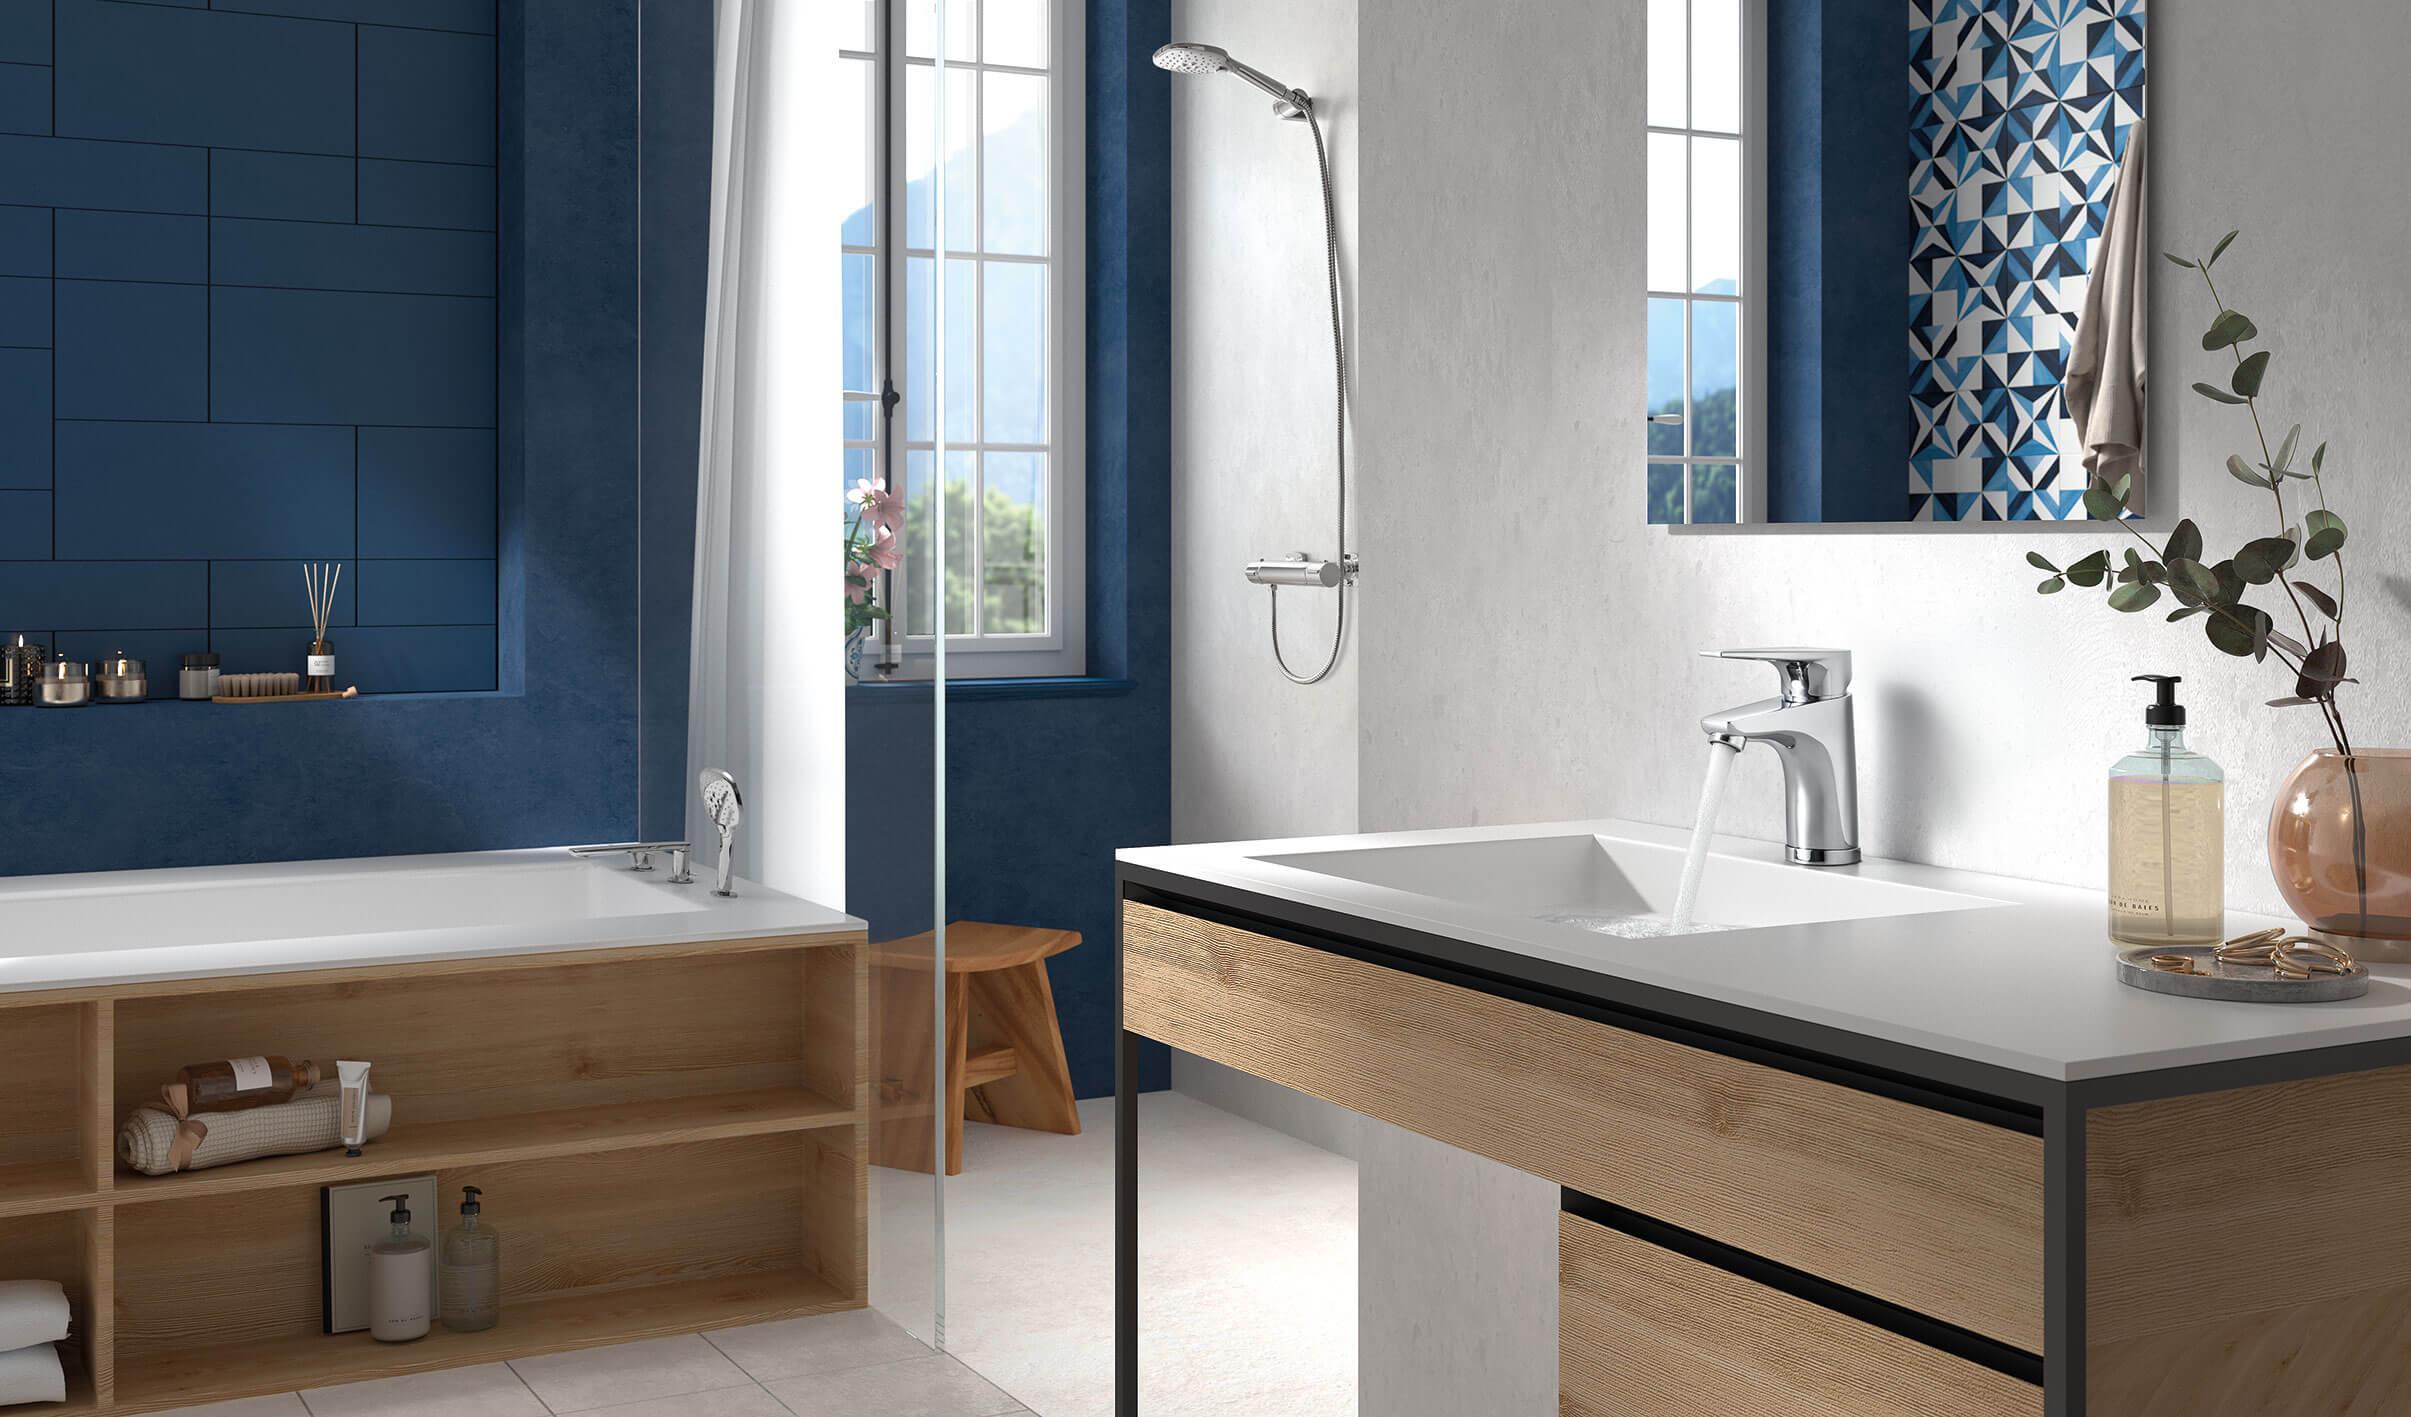 Canigó-tres Plus . A Casa de Banho Sustentável